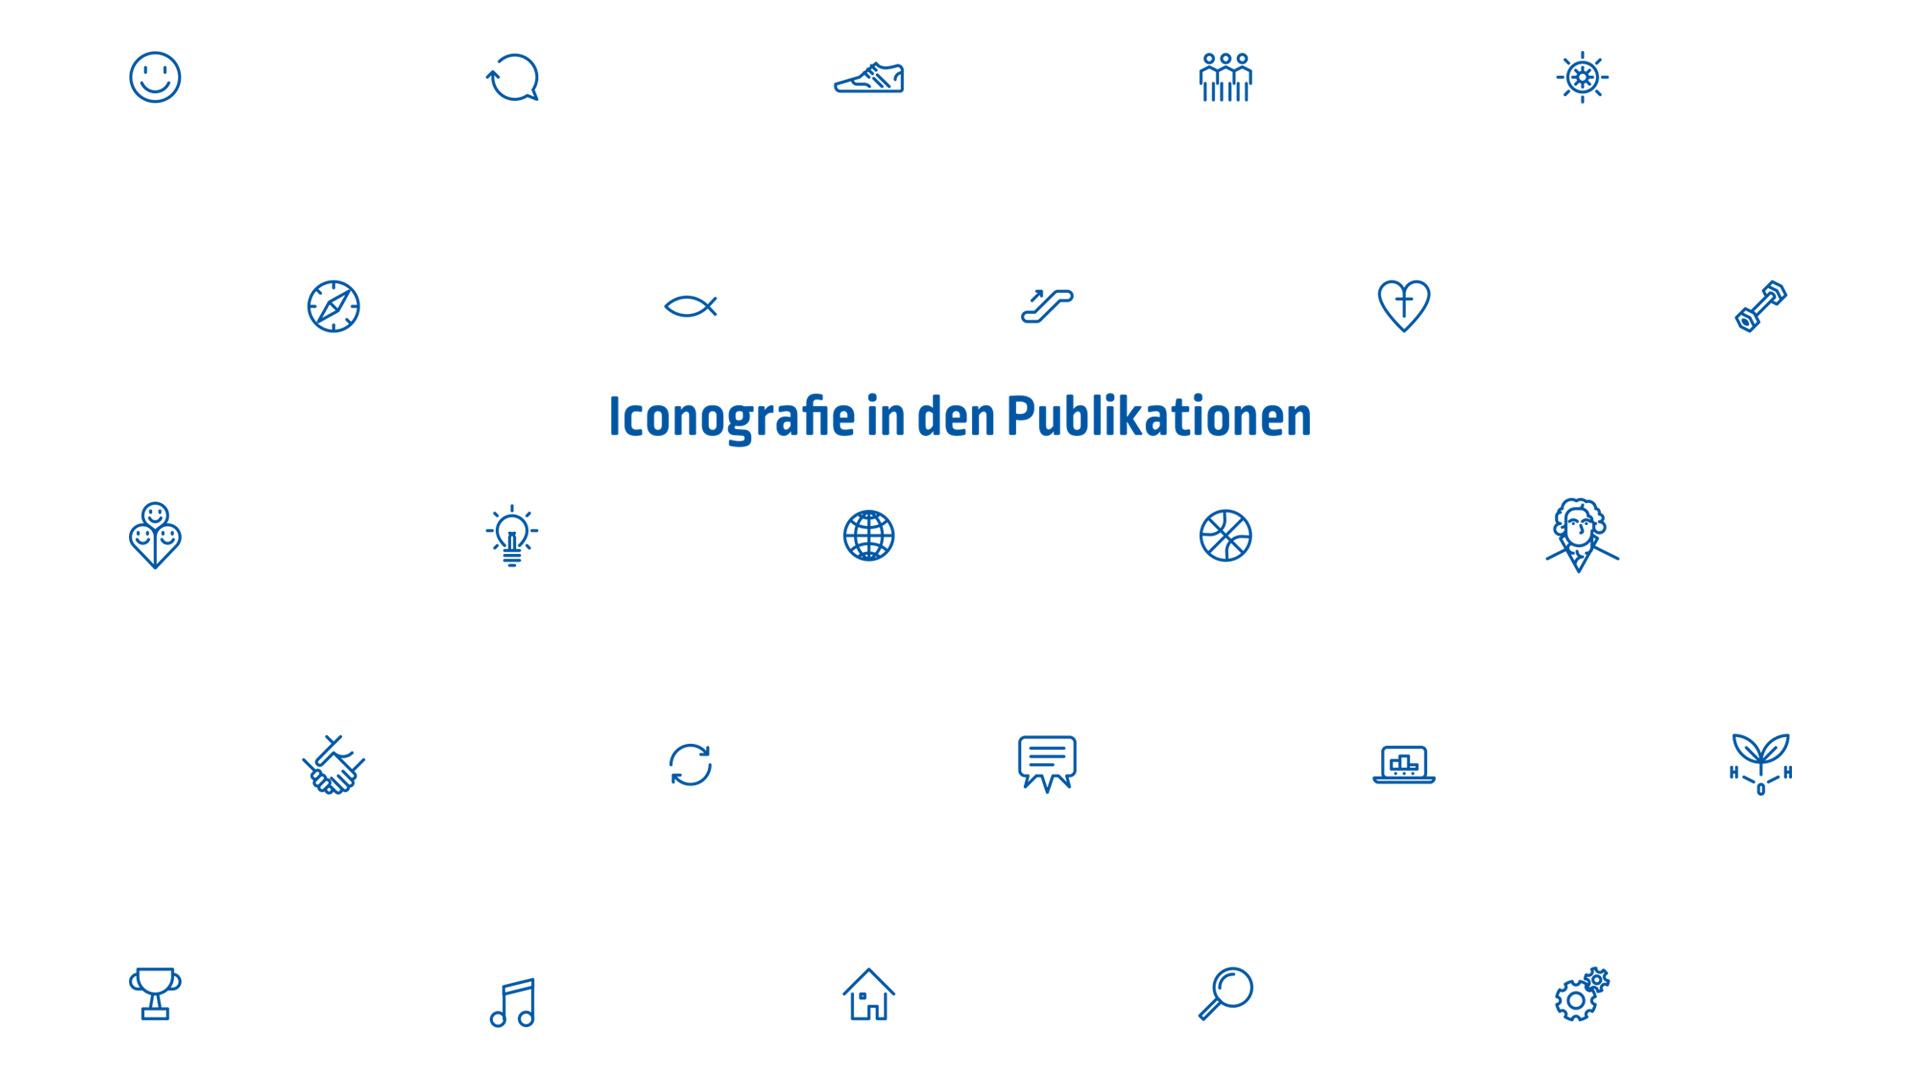 ahfs Markenarchitektur ©gobasil GmbH ~ Agentur für Kommunikation, Hamburg Hannover